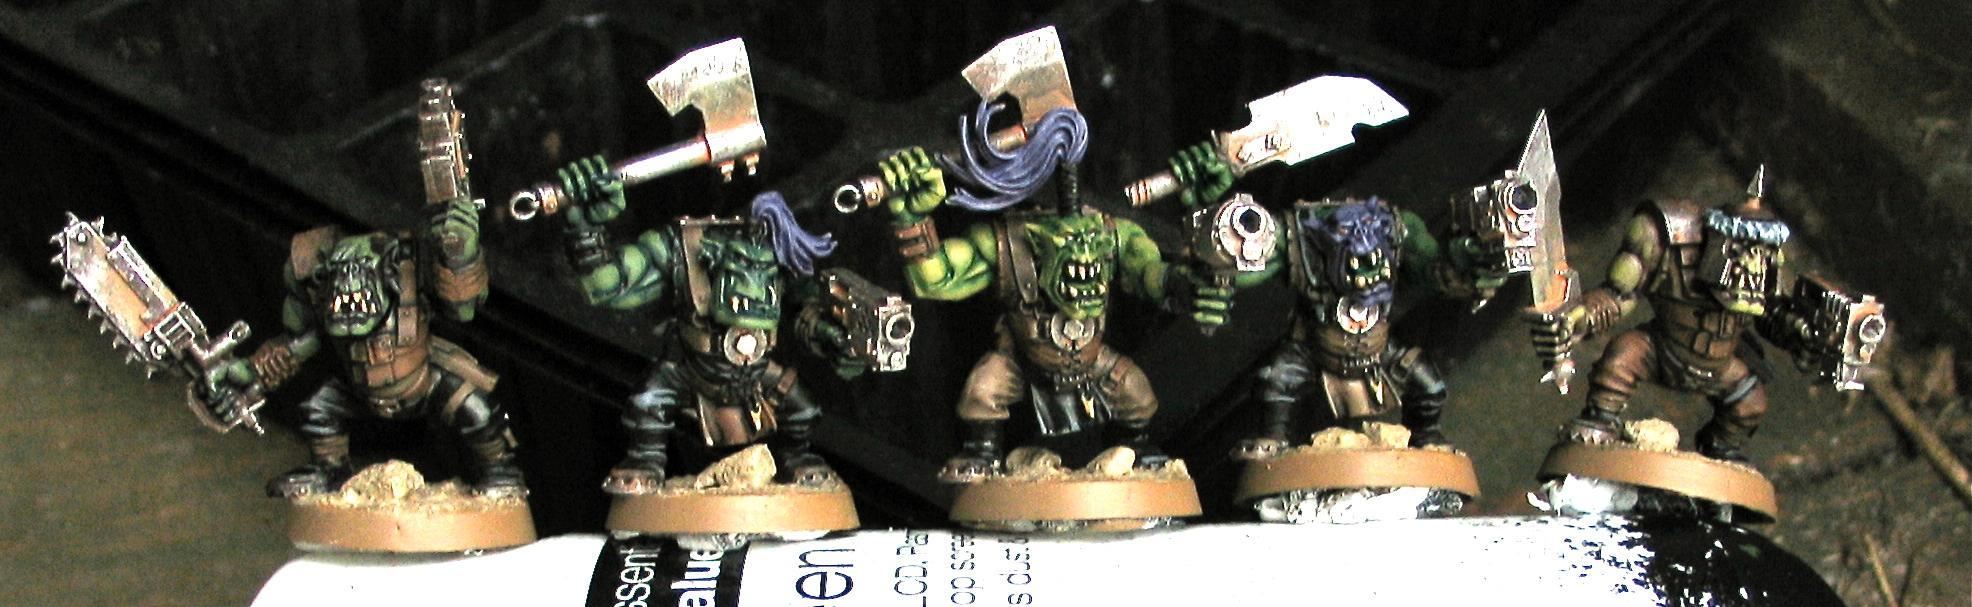 Genestealer Cult, Orks, Warhammer 40,000